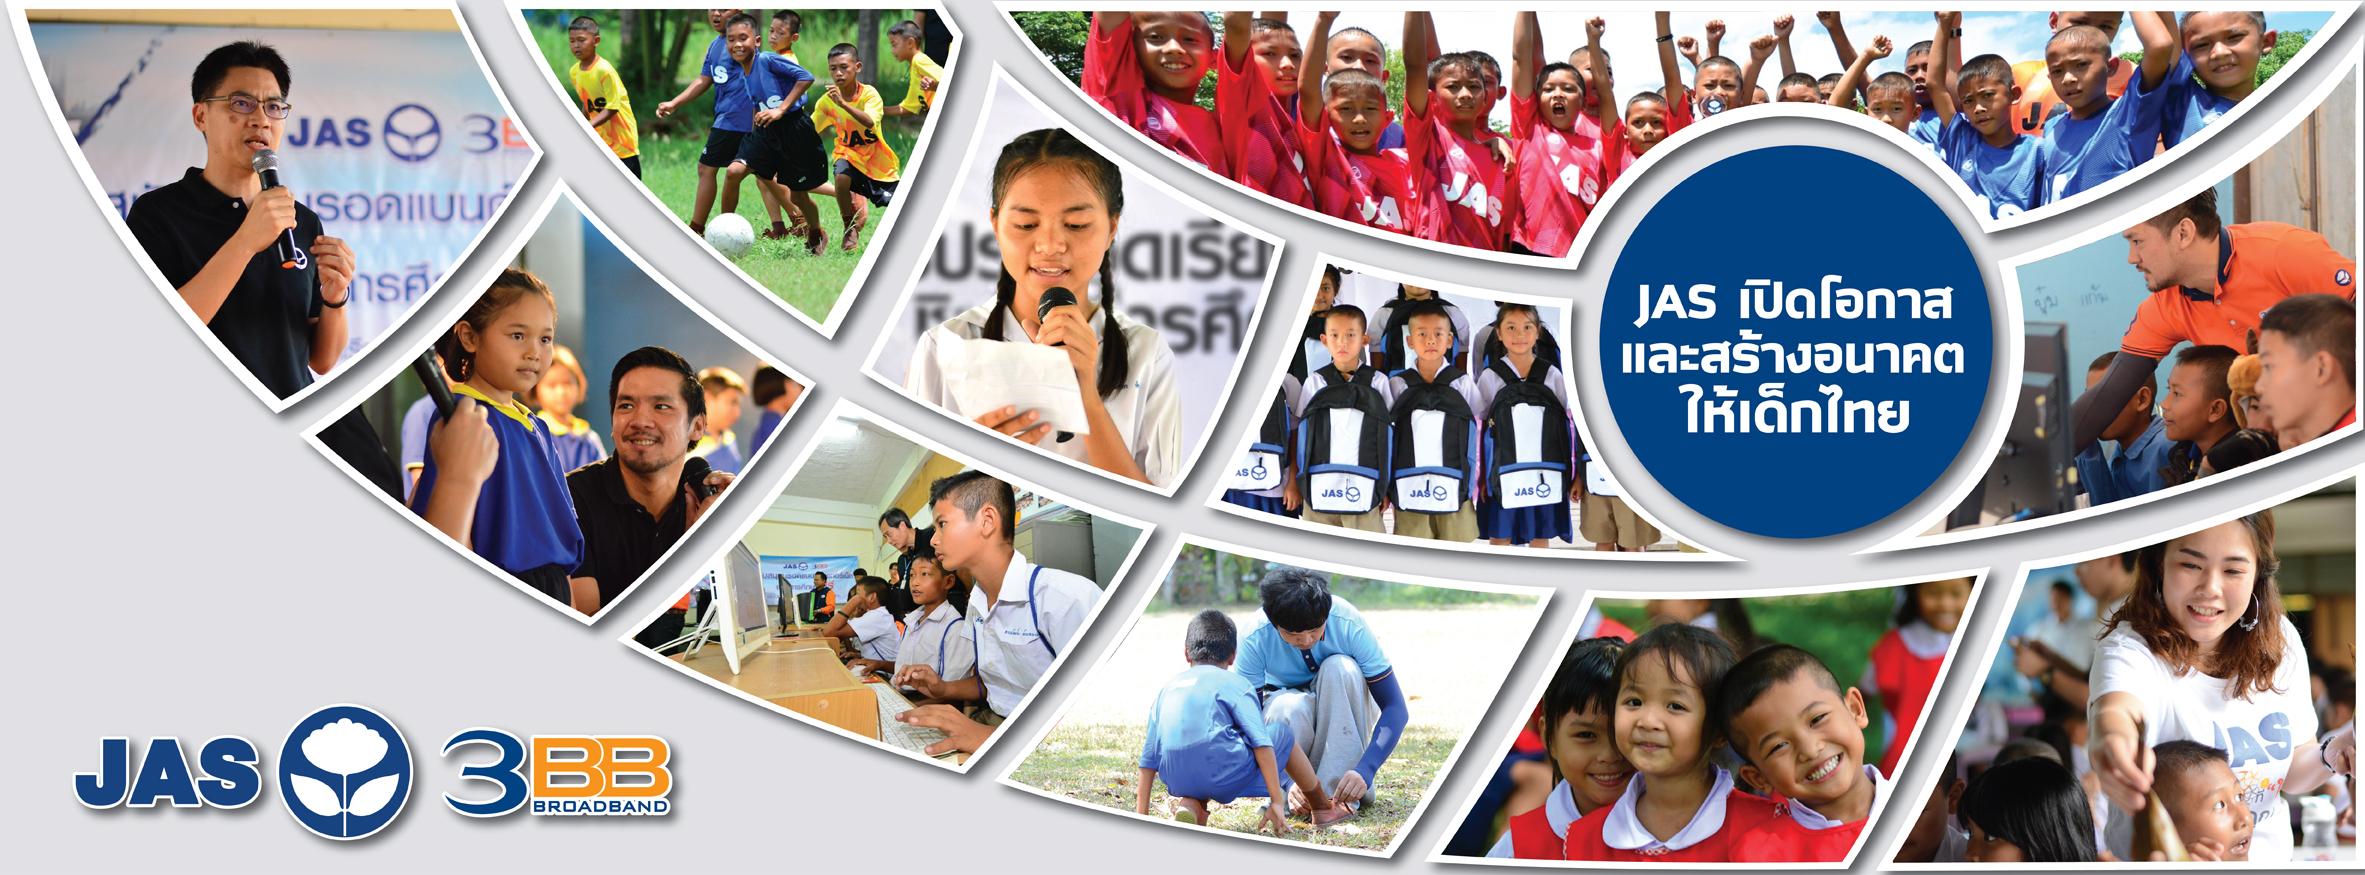 JAS เปิดโอกาสและสร้างอนาคตเด็กให้ไทย